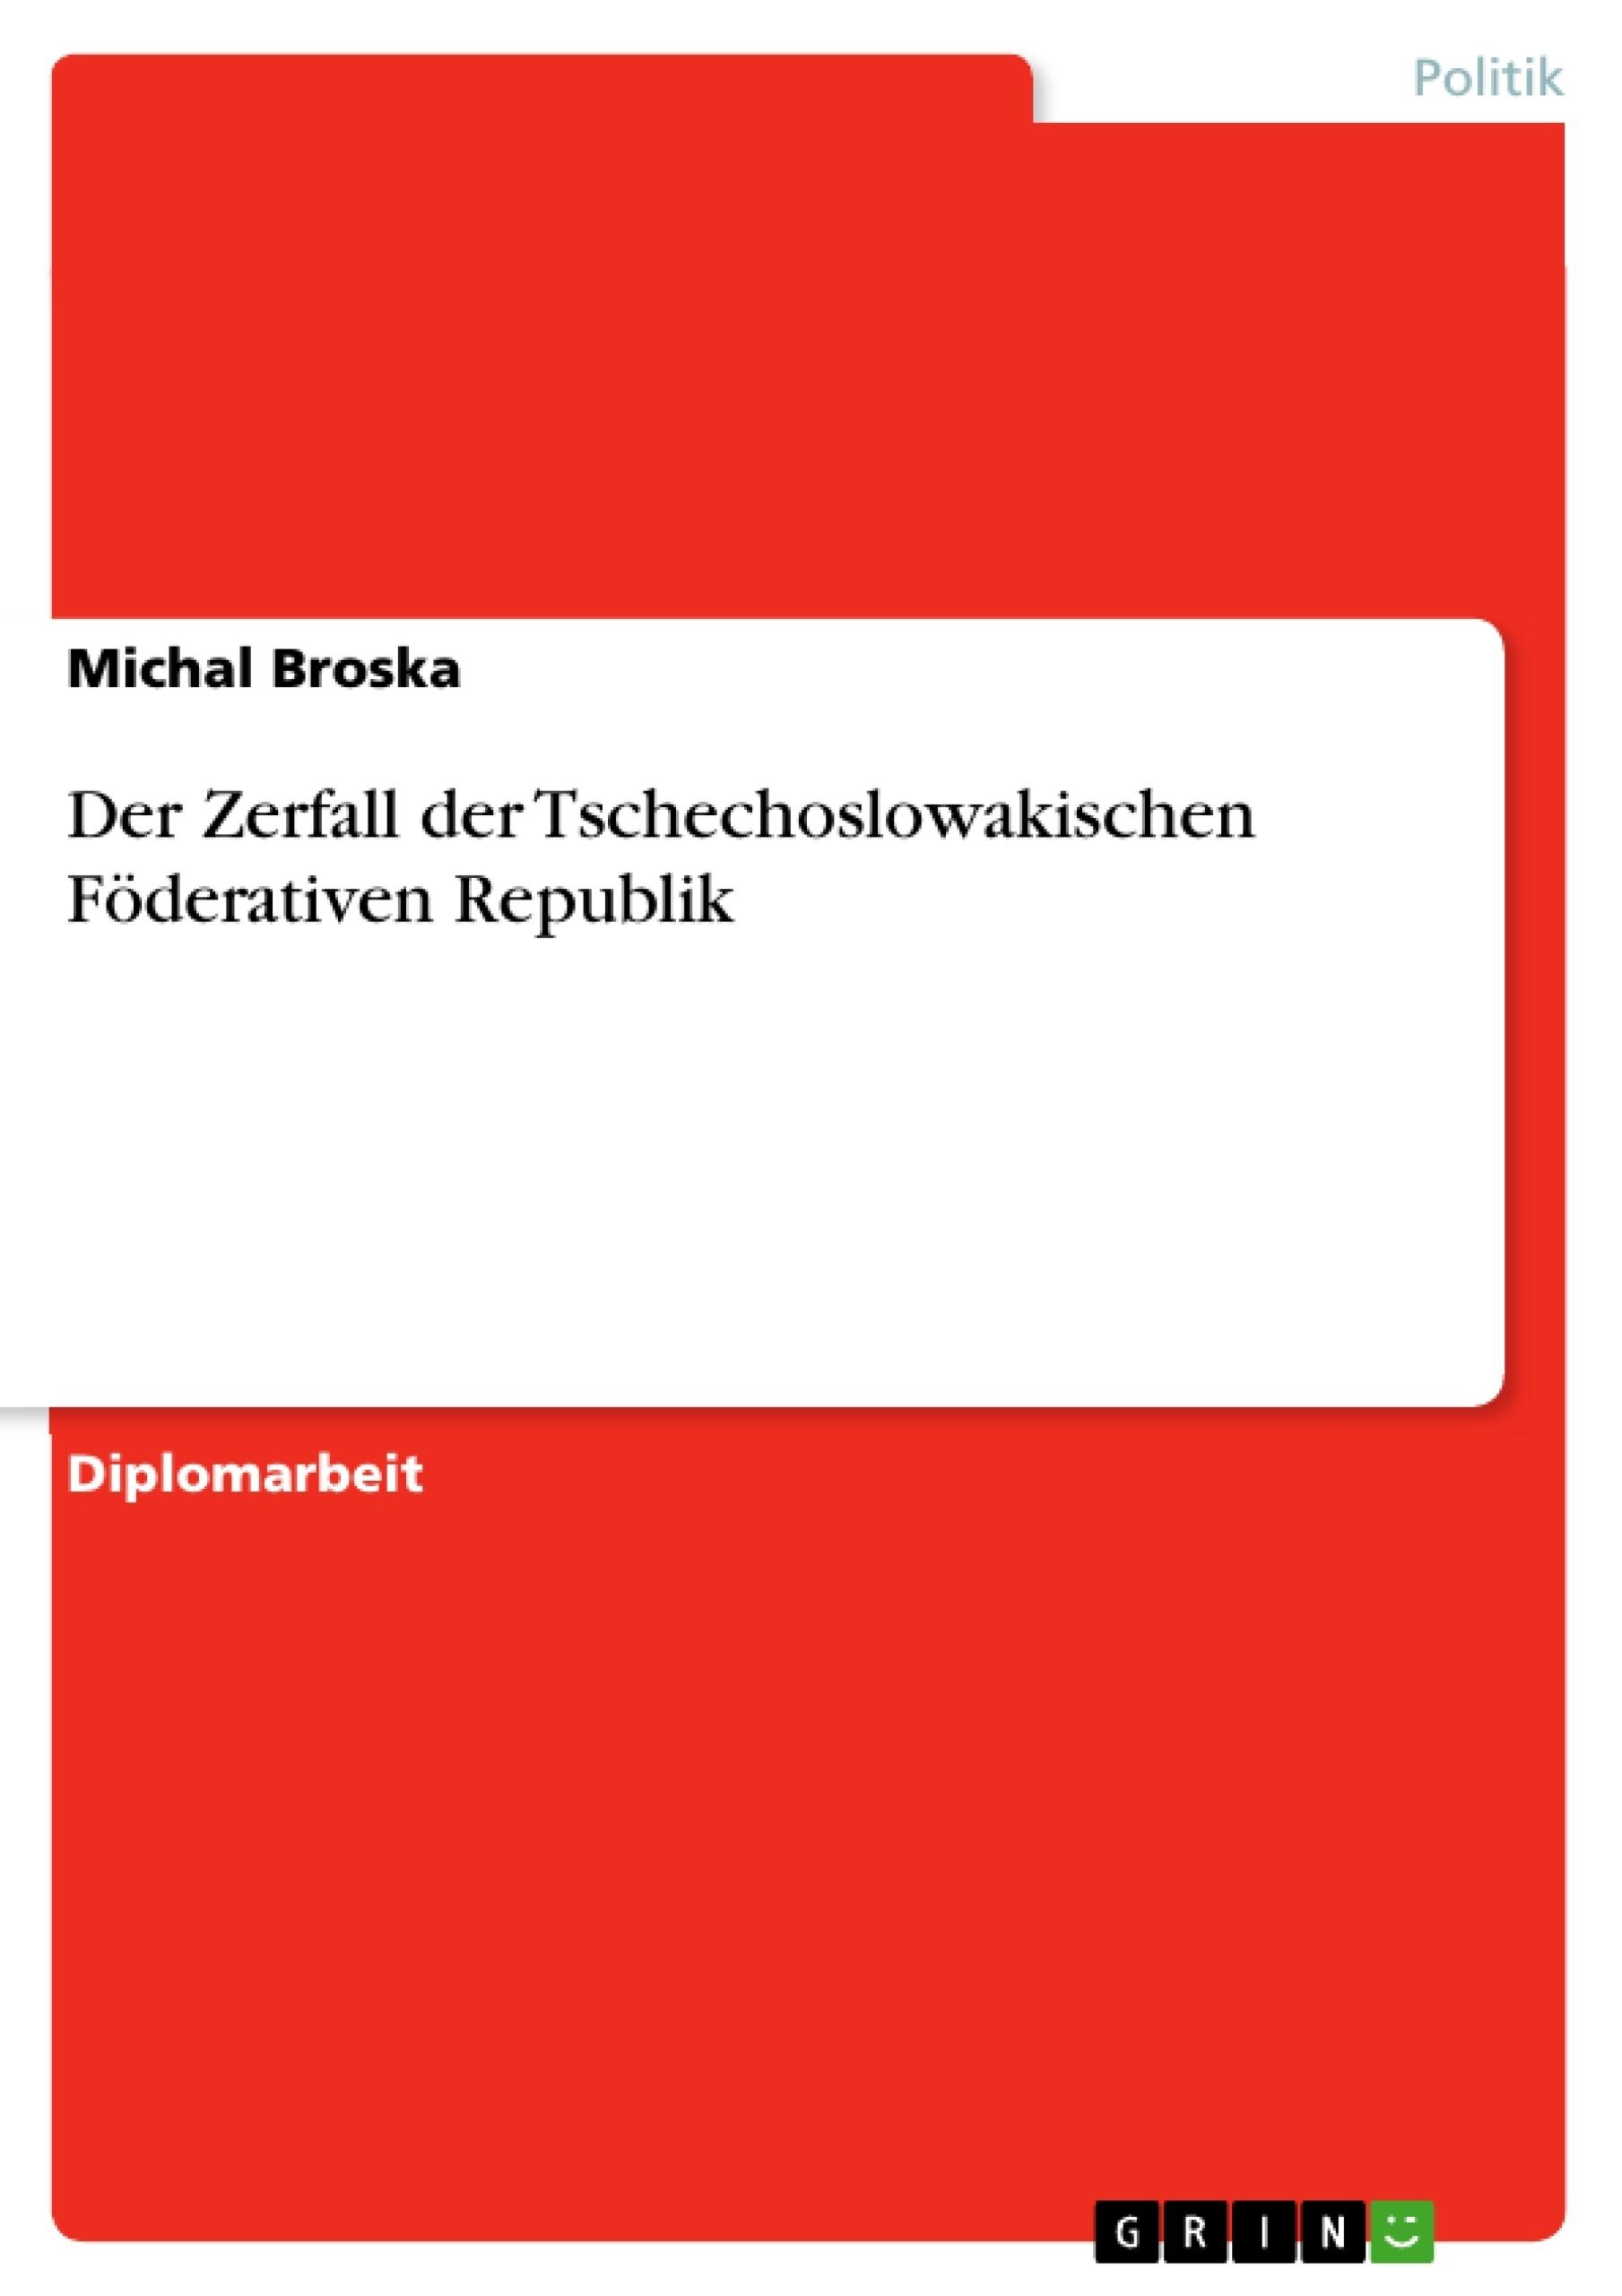 Titel: Der Zerfall der Tschechoslowakischen Föderativen Republik